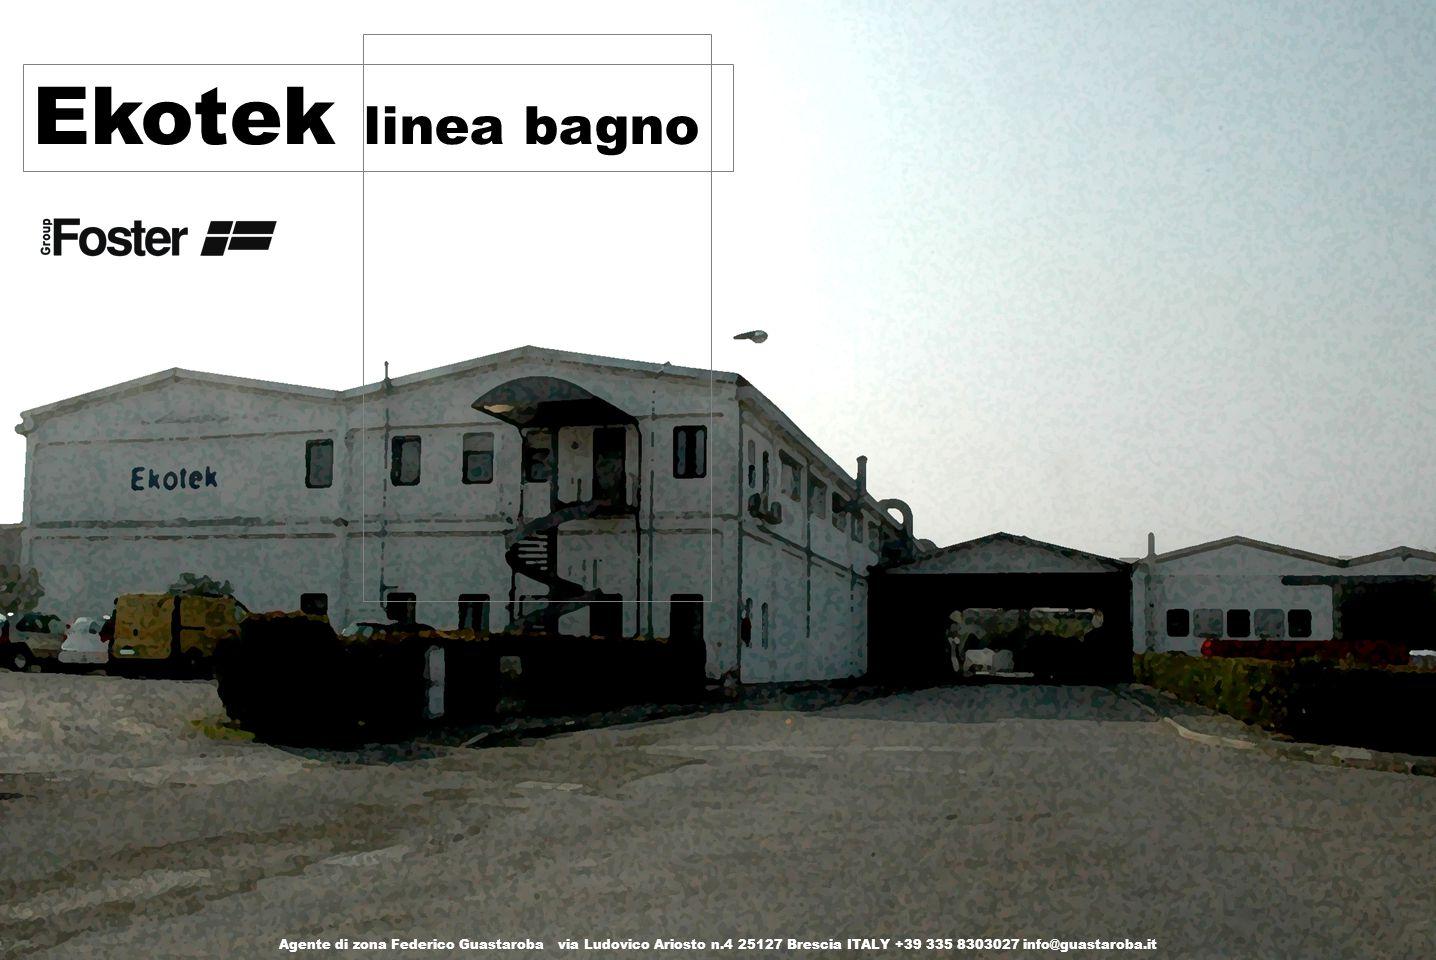 Ekotek linea bagno Agente di zona Federico Guastaroba via Ludovico Ariosto n.4 25127 Brescia ITALY +39 335 8303027 info@guastaroba.it